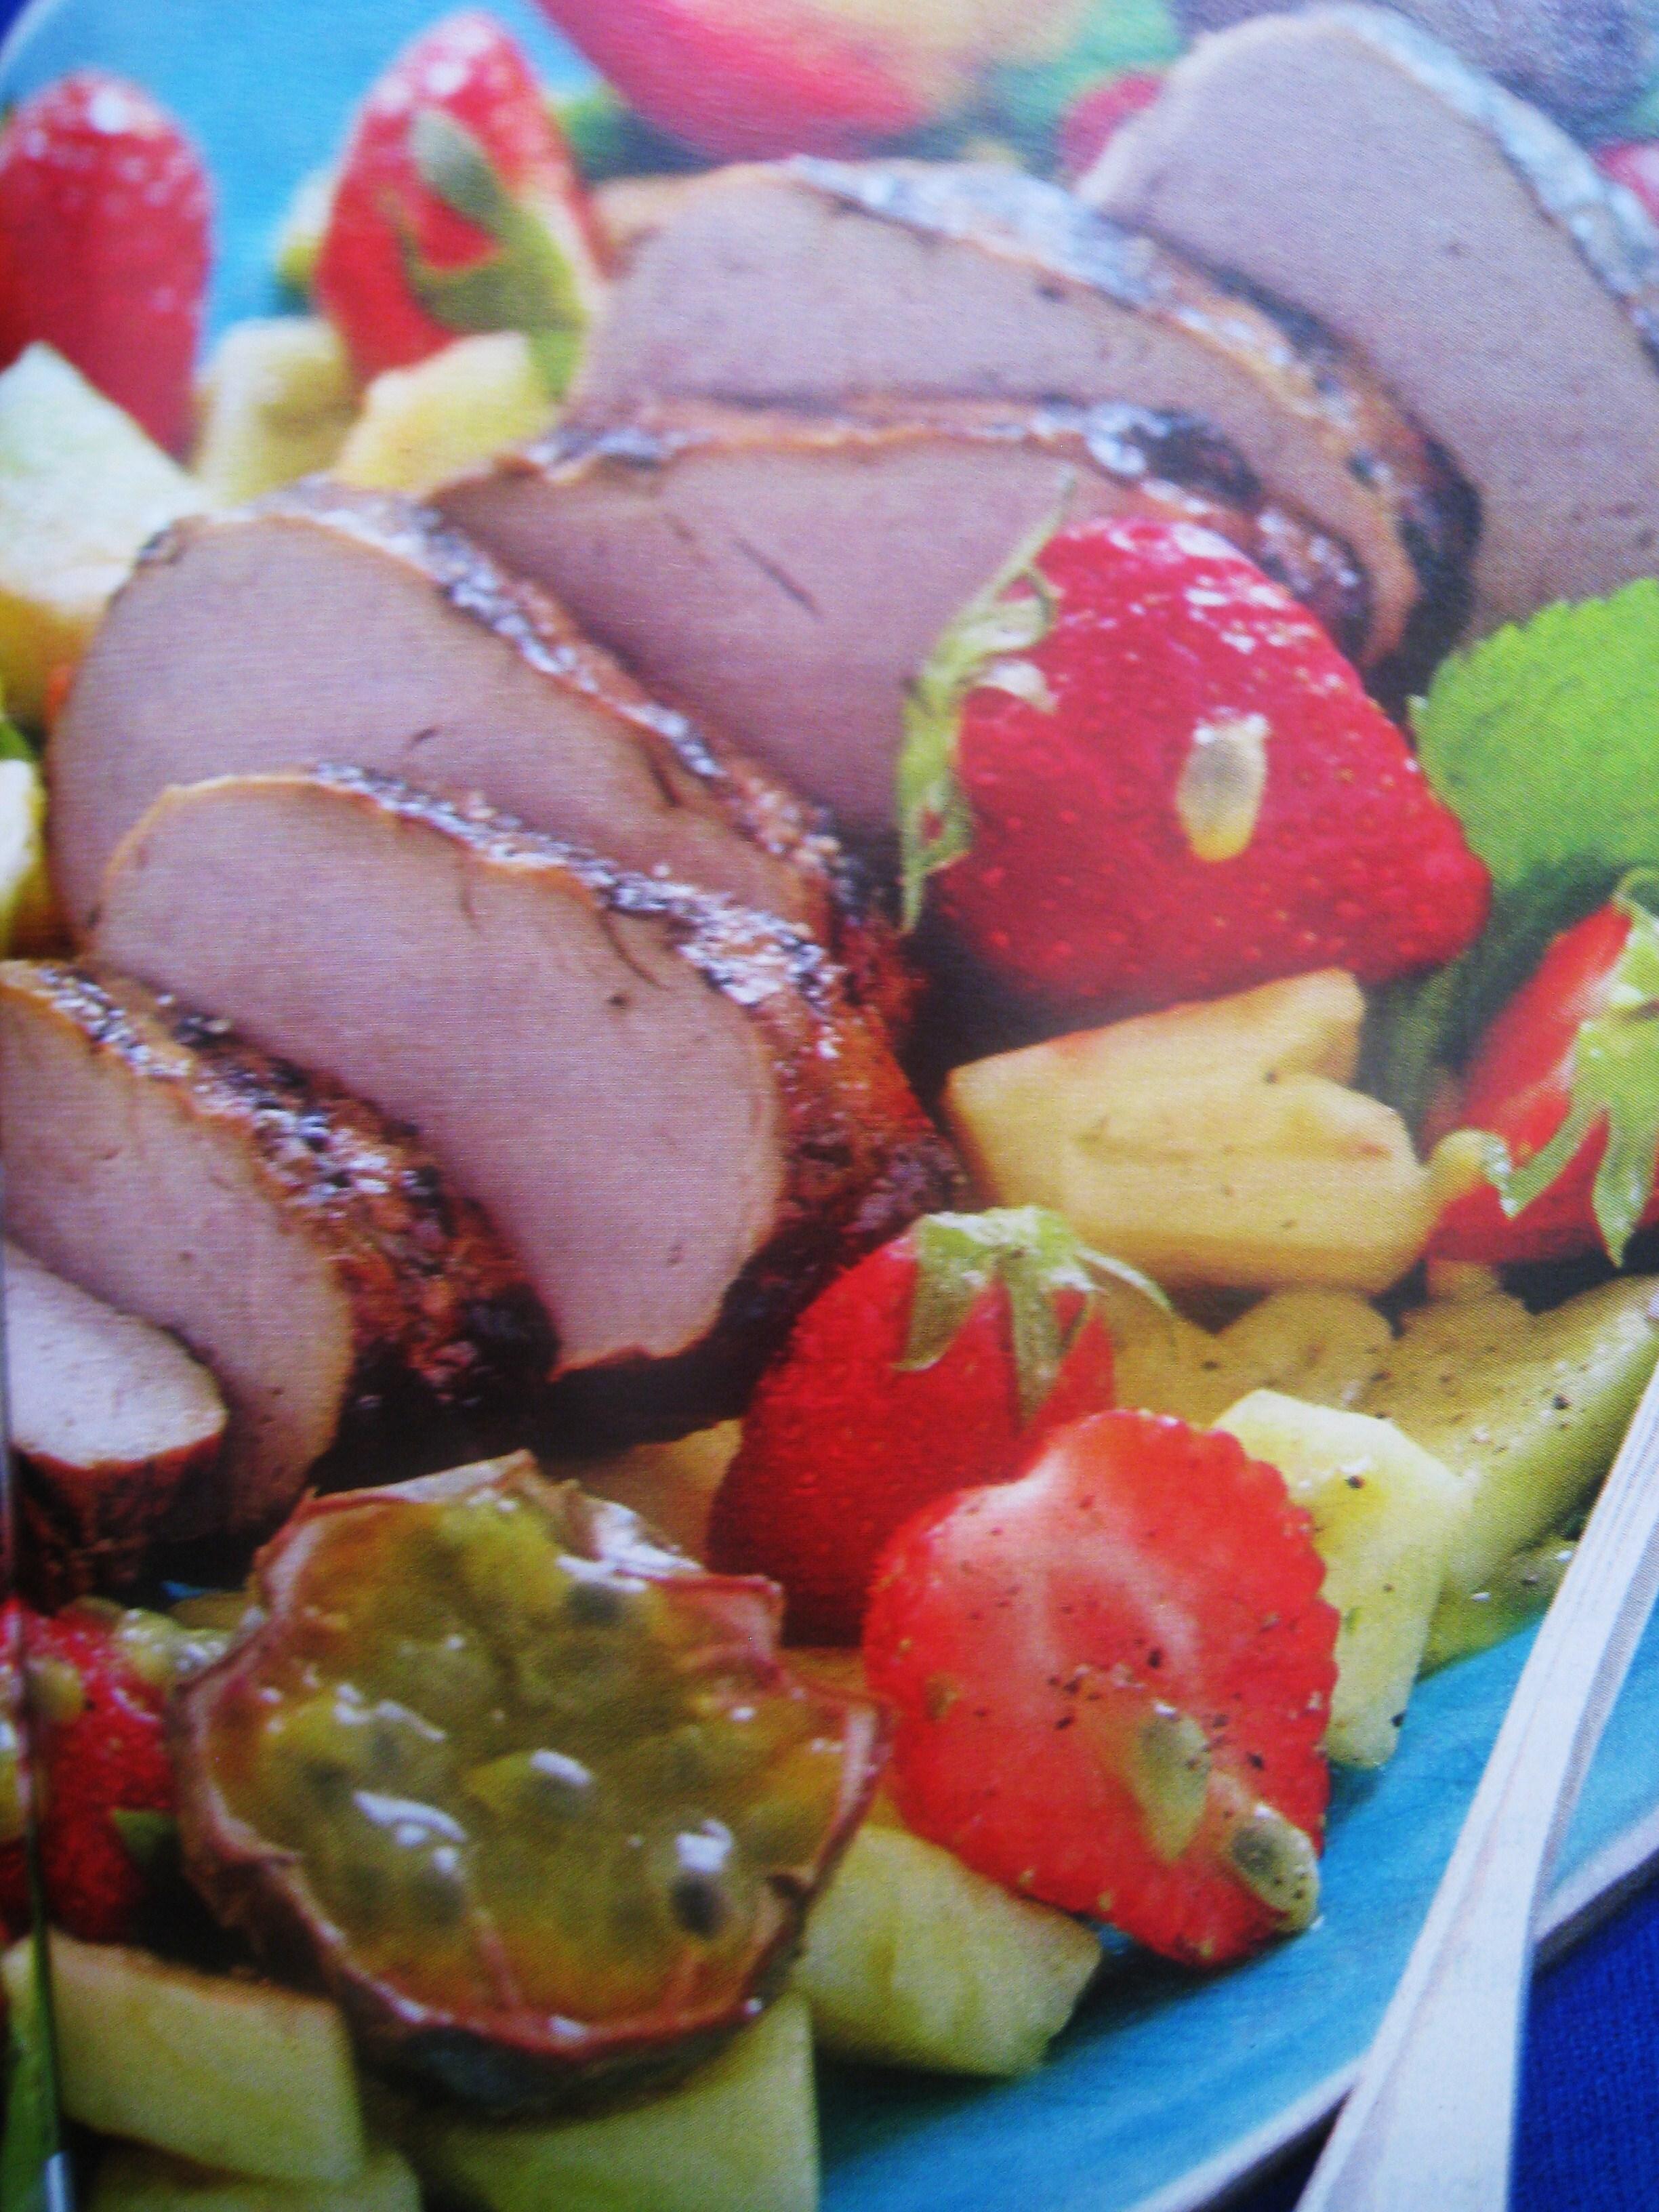 Grillad fläskfilé med jordgubbssallad